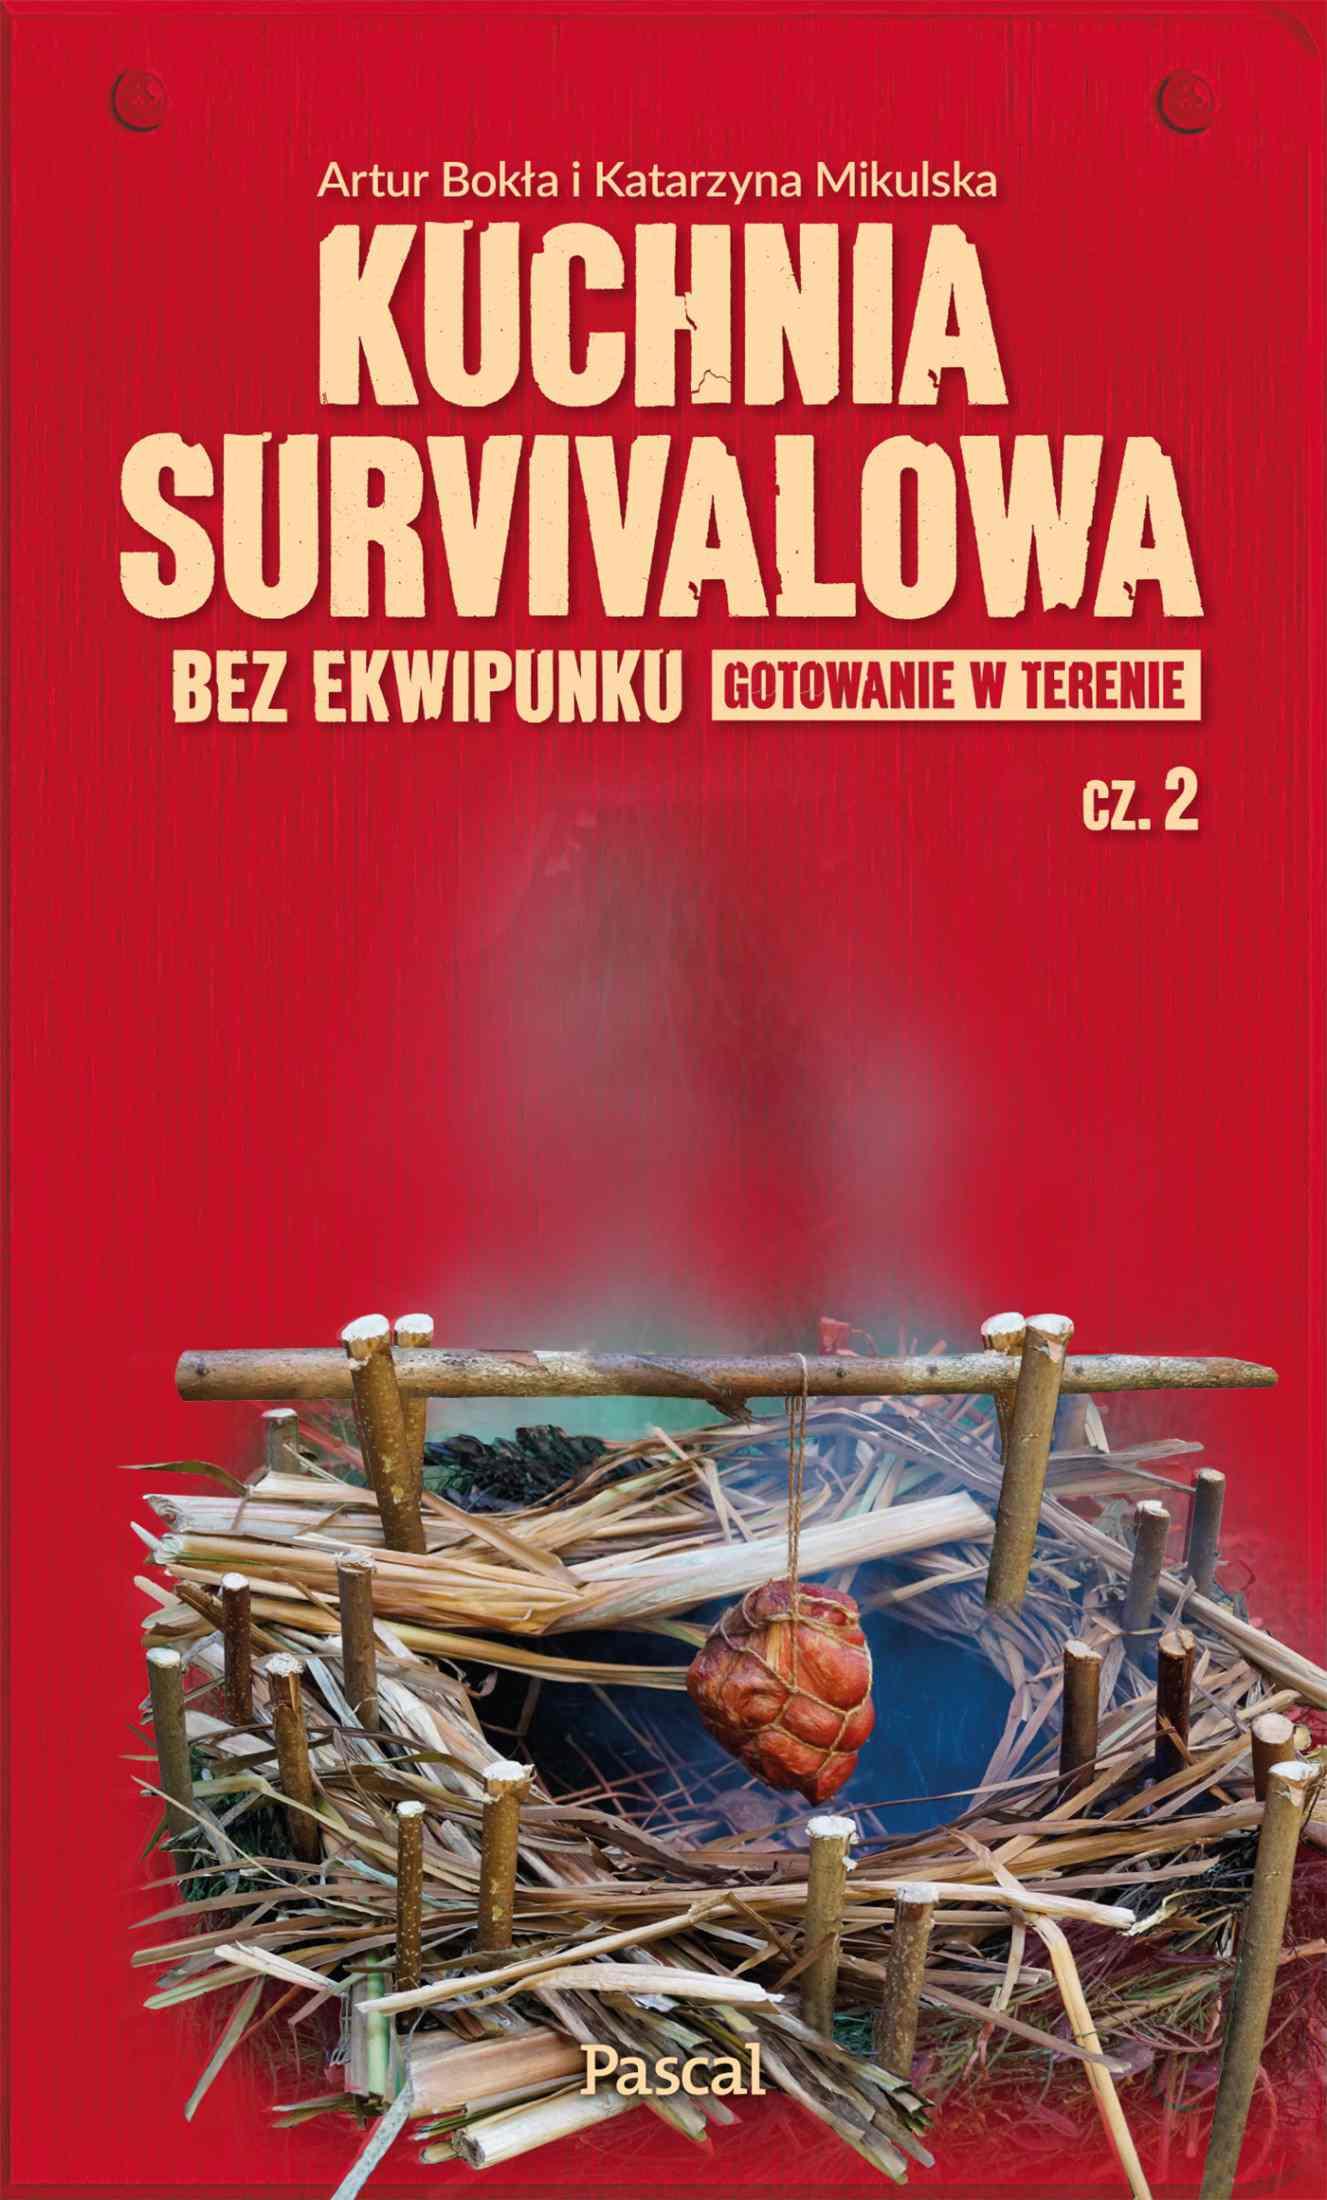 Kuchnia survivalowa bez ekwipunku Gotowanie w terenie Część 2 - Ebook (Książka na Kindle) do pobrania w formacie MOBI